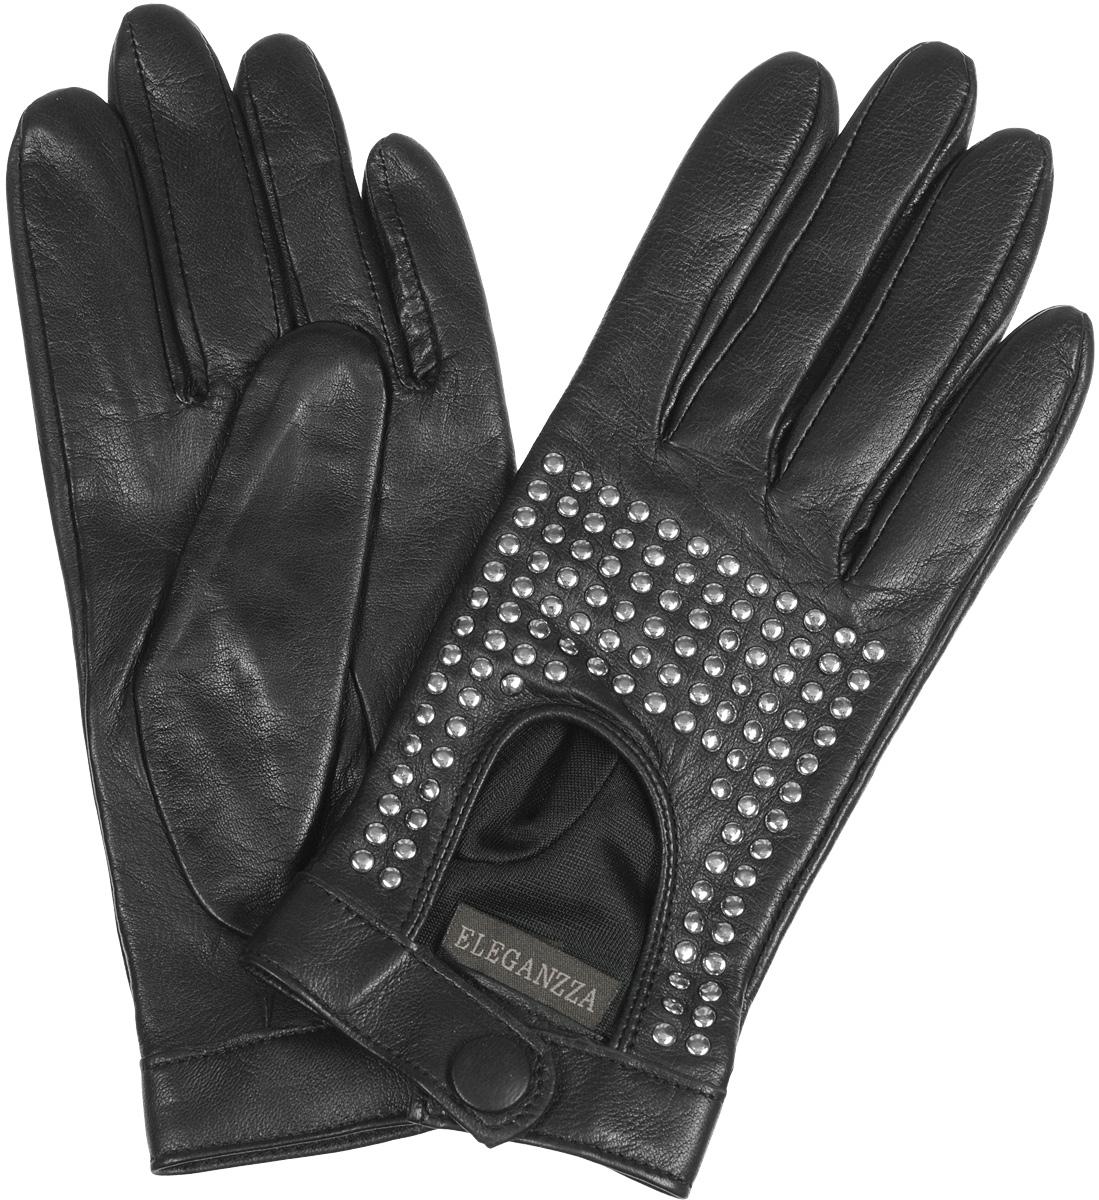 ПерчаткиIS02752Стильные женские перчатки Eleganzza не только защитят ваши руки от холода, но и станут великолепным украшением. Перчатки выполнены из чрезвычайно мягкой и приятной на ощупь натуральной кожи. Лицевая сторона перчаток на запястье застегивается хлястиками на кнопку. Оформлены перчатки декоративными клепками. В настоящее время перчатки являются неотъемлемой принадлежностью одежды, вместе с этим аксессуаром вы обретаете женственность и элегантность. Перчатки станут завершающим и подчеркивающим элементом вашего стиля и неповторимости.